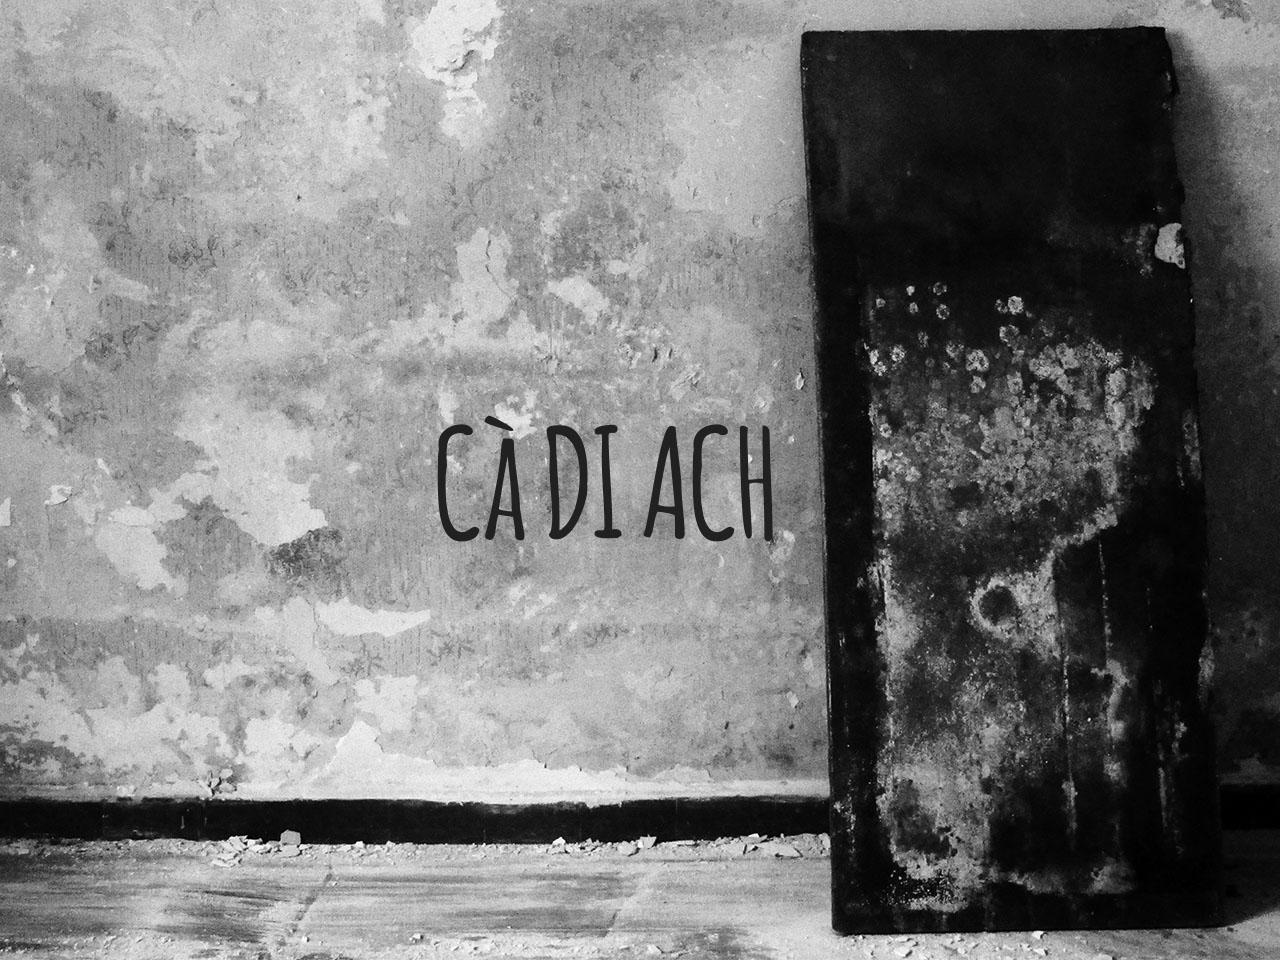 gian-cadiach-val-di-scalve-siti-web-grafica-seo-eventi-social-network-valle-camonica-contessifostinelli